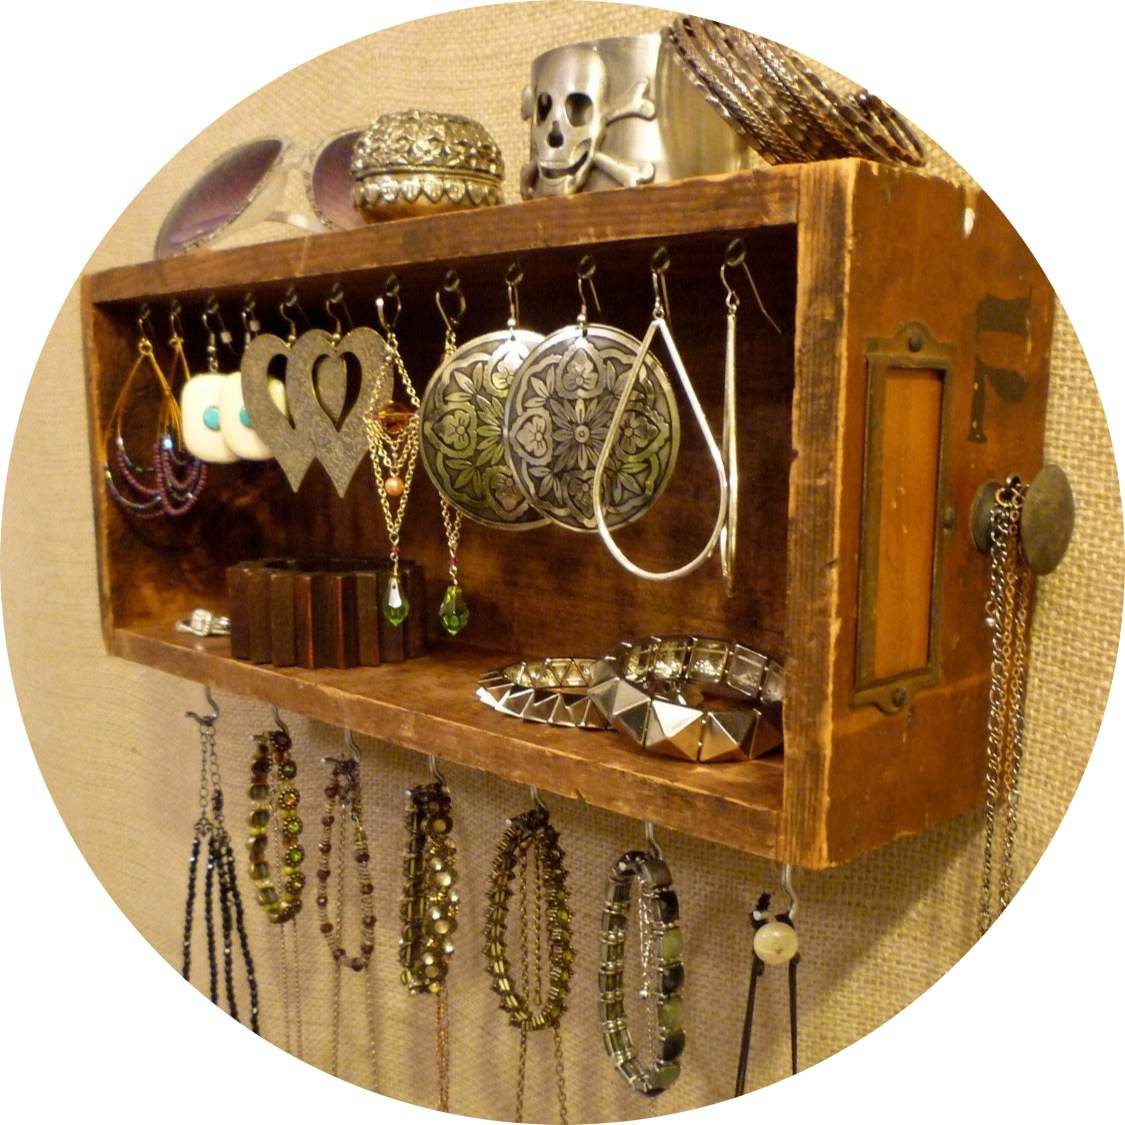 lojas de decoracao de interiores em leiria : lojas de decoracao de interiores em leiria: